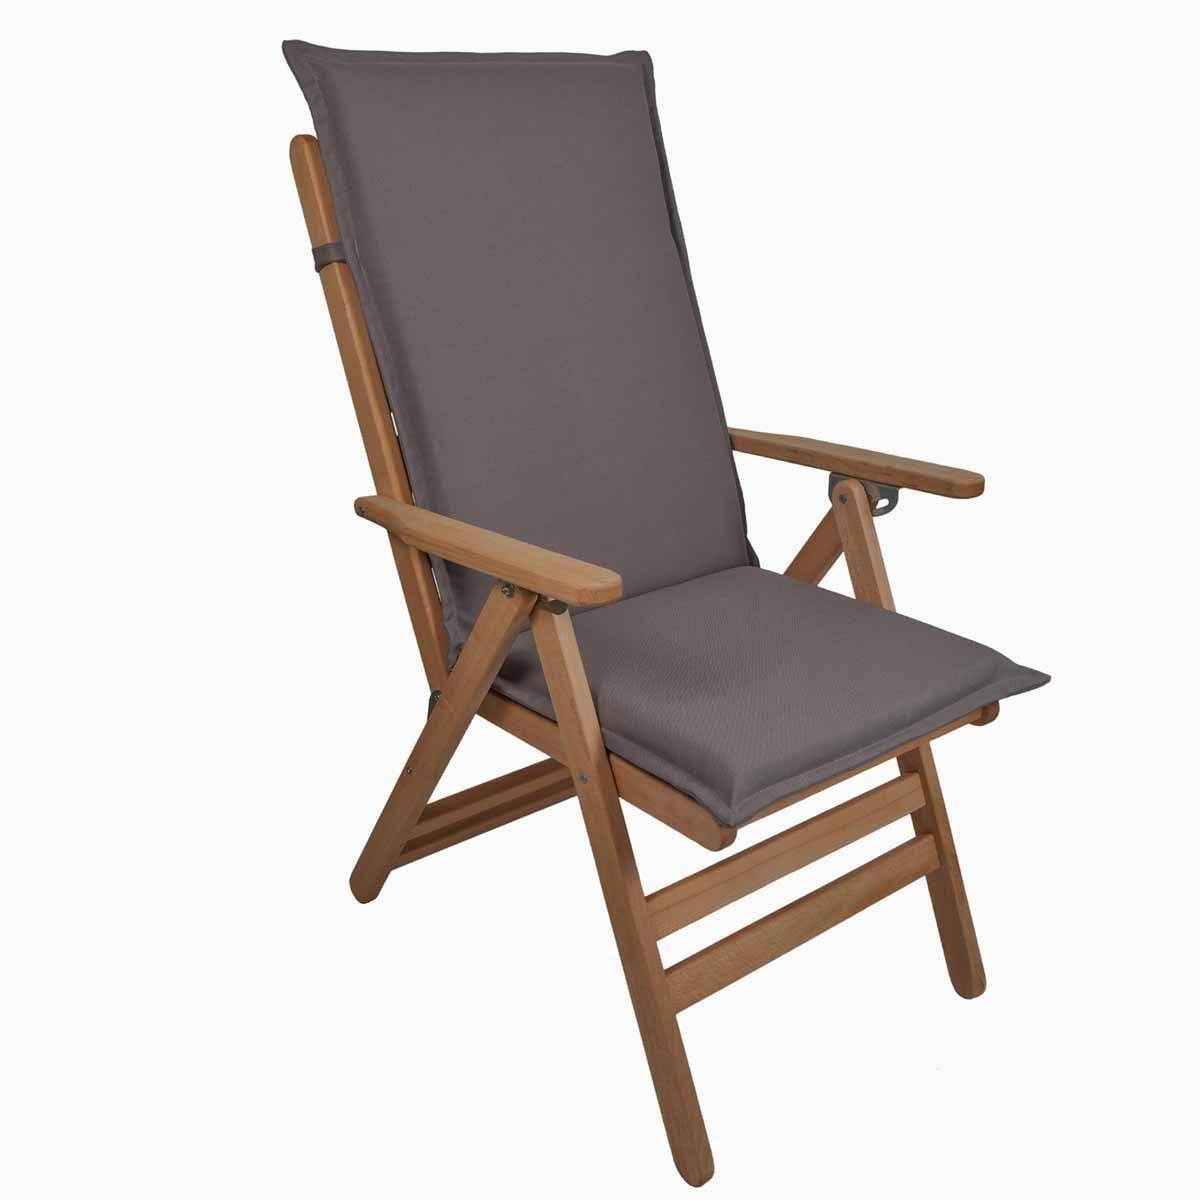 Μαξιλάρι Καρέκλας Με Πλάτη 112cm Be Comfy Grey 909